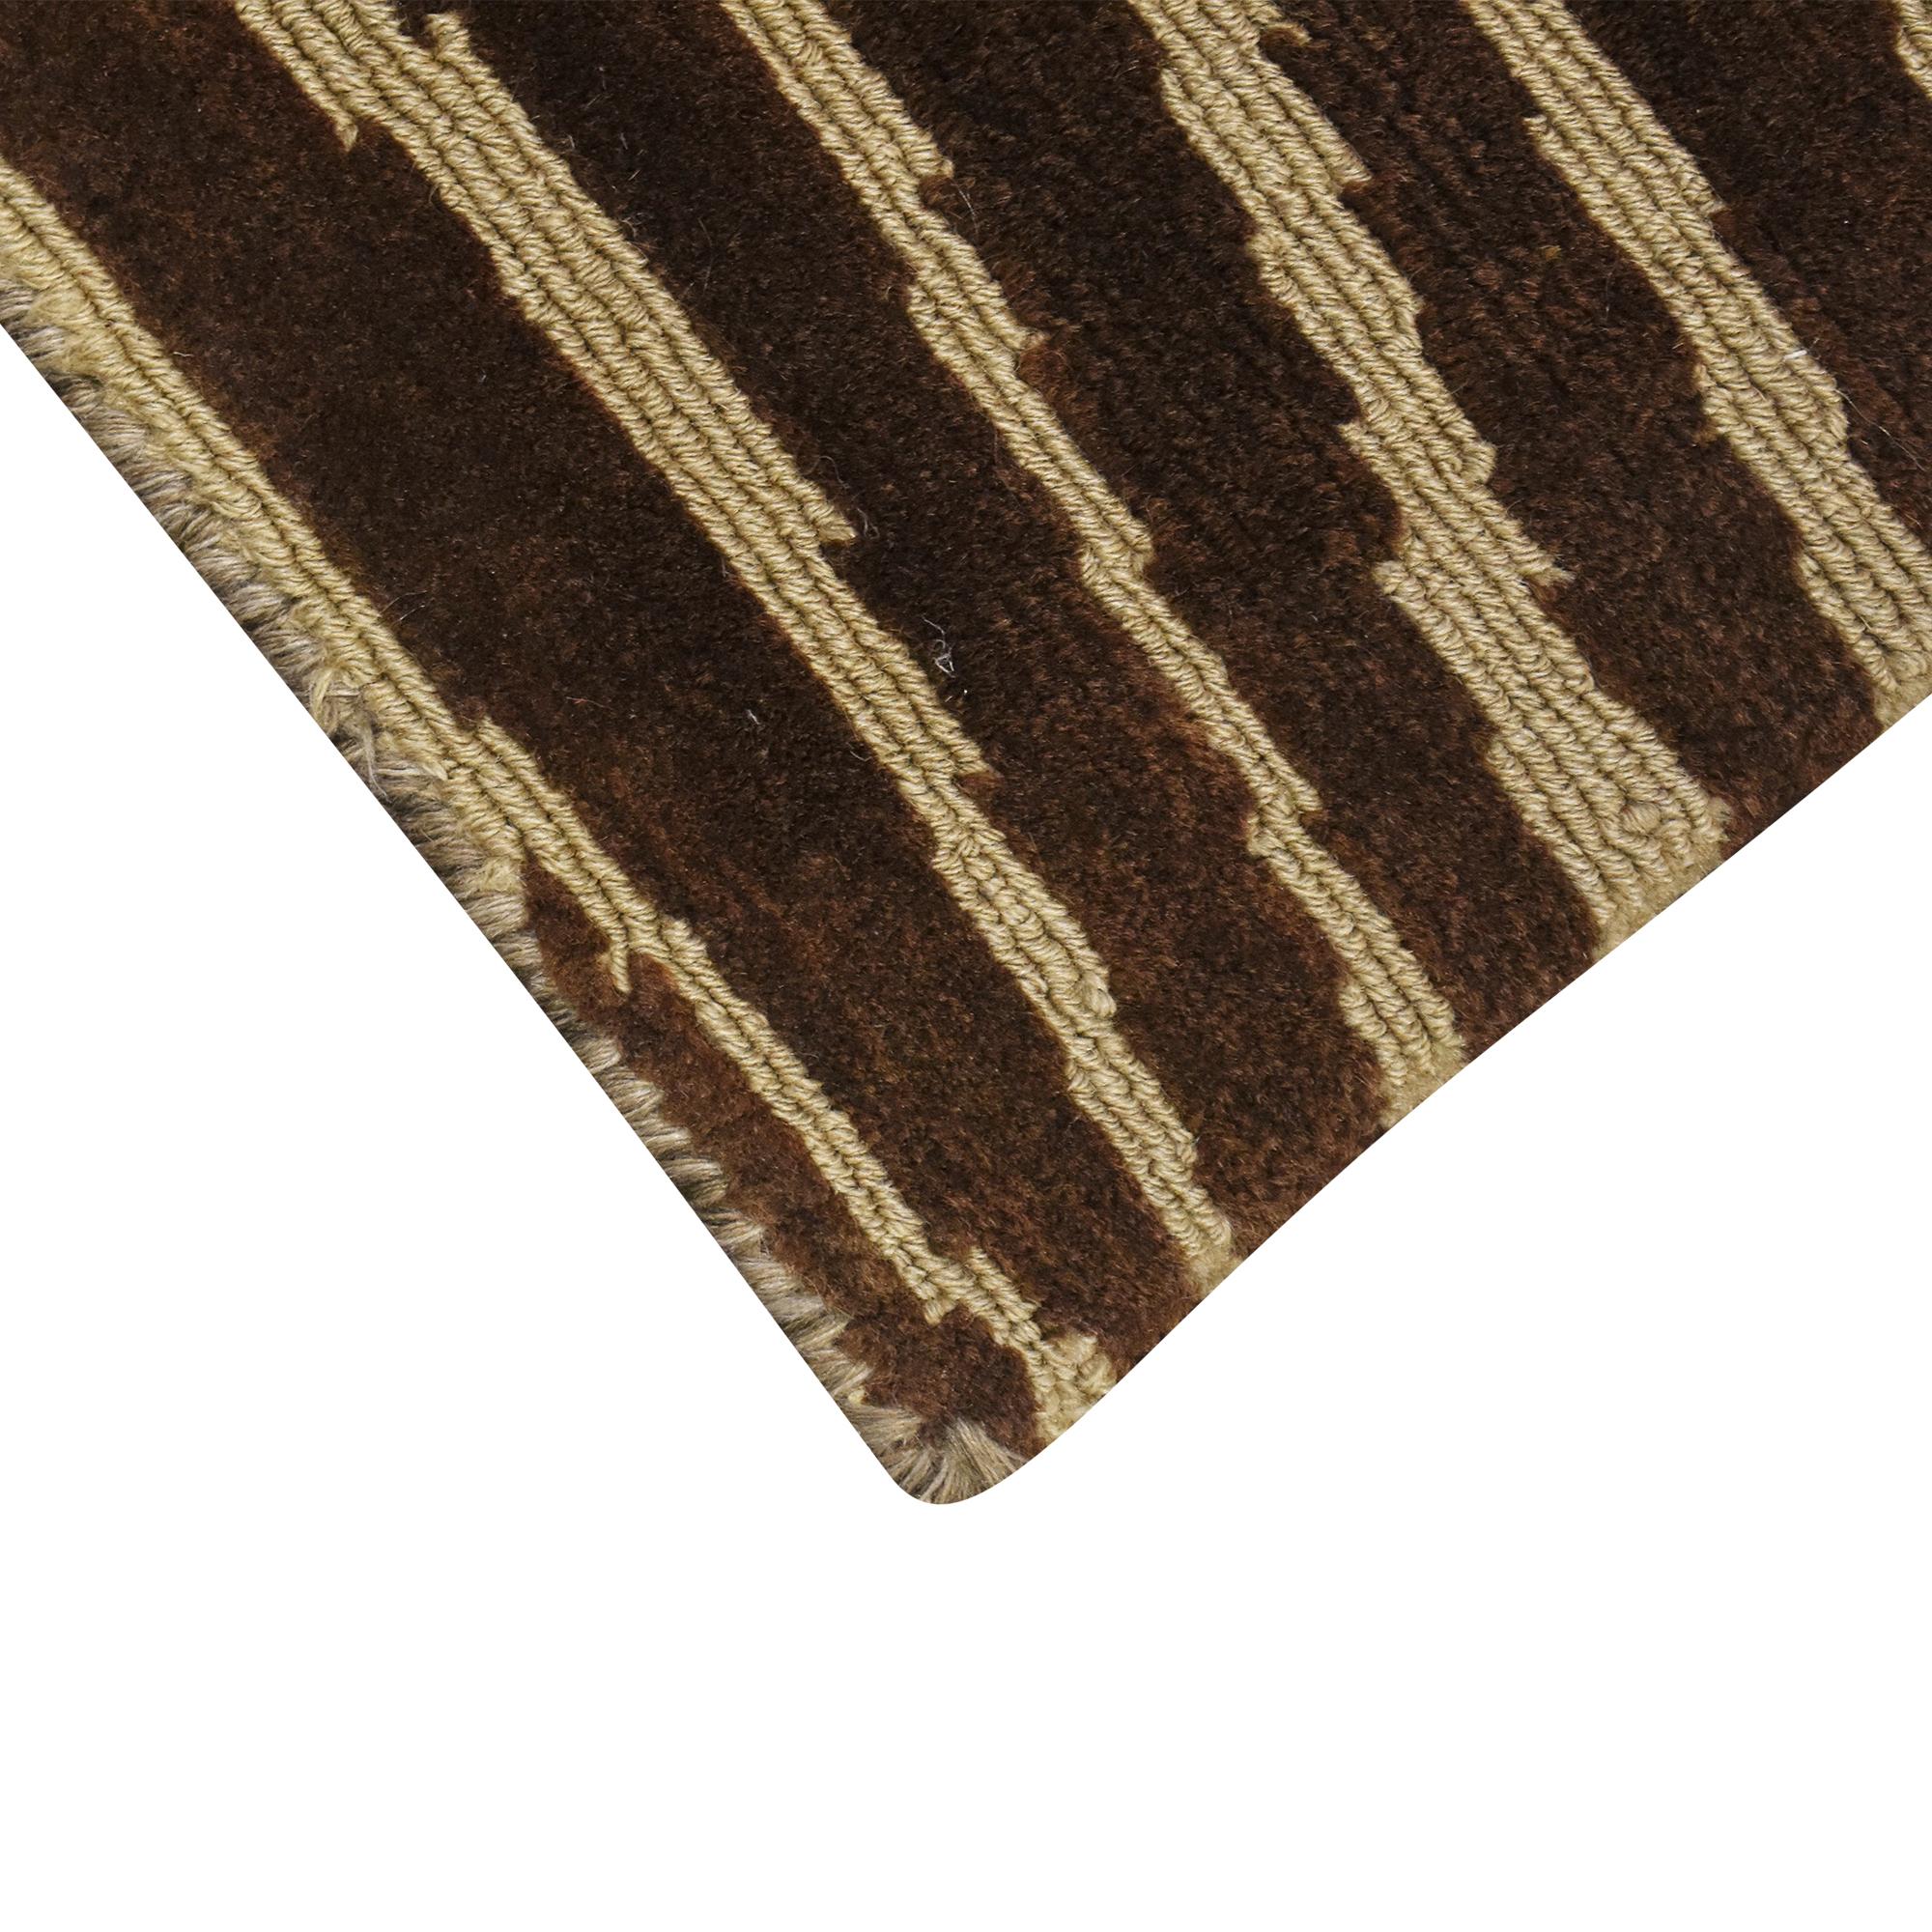 ABC Carpet & Home ABC Carpet & Home Striped Area Rug nyc